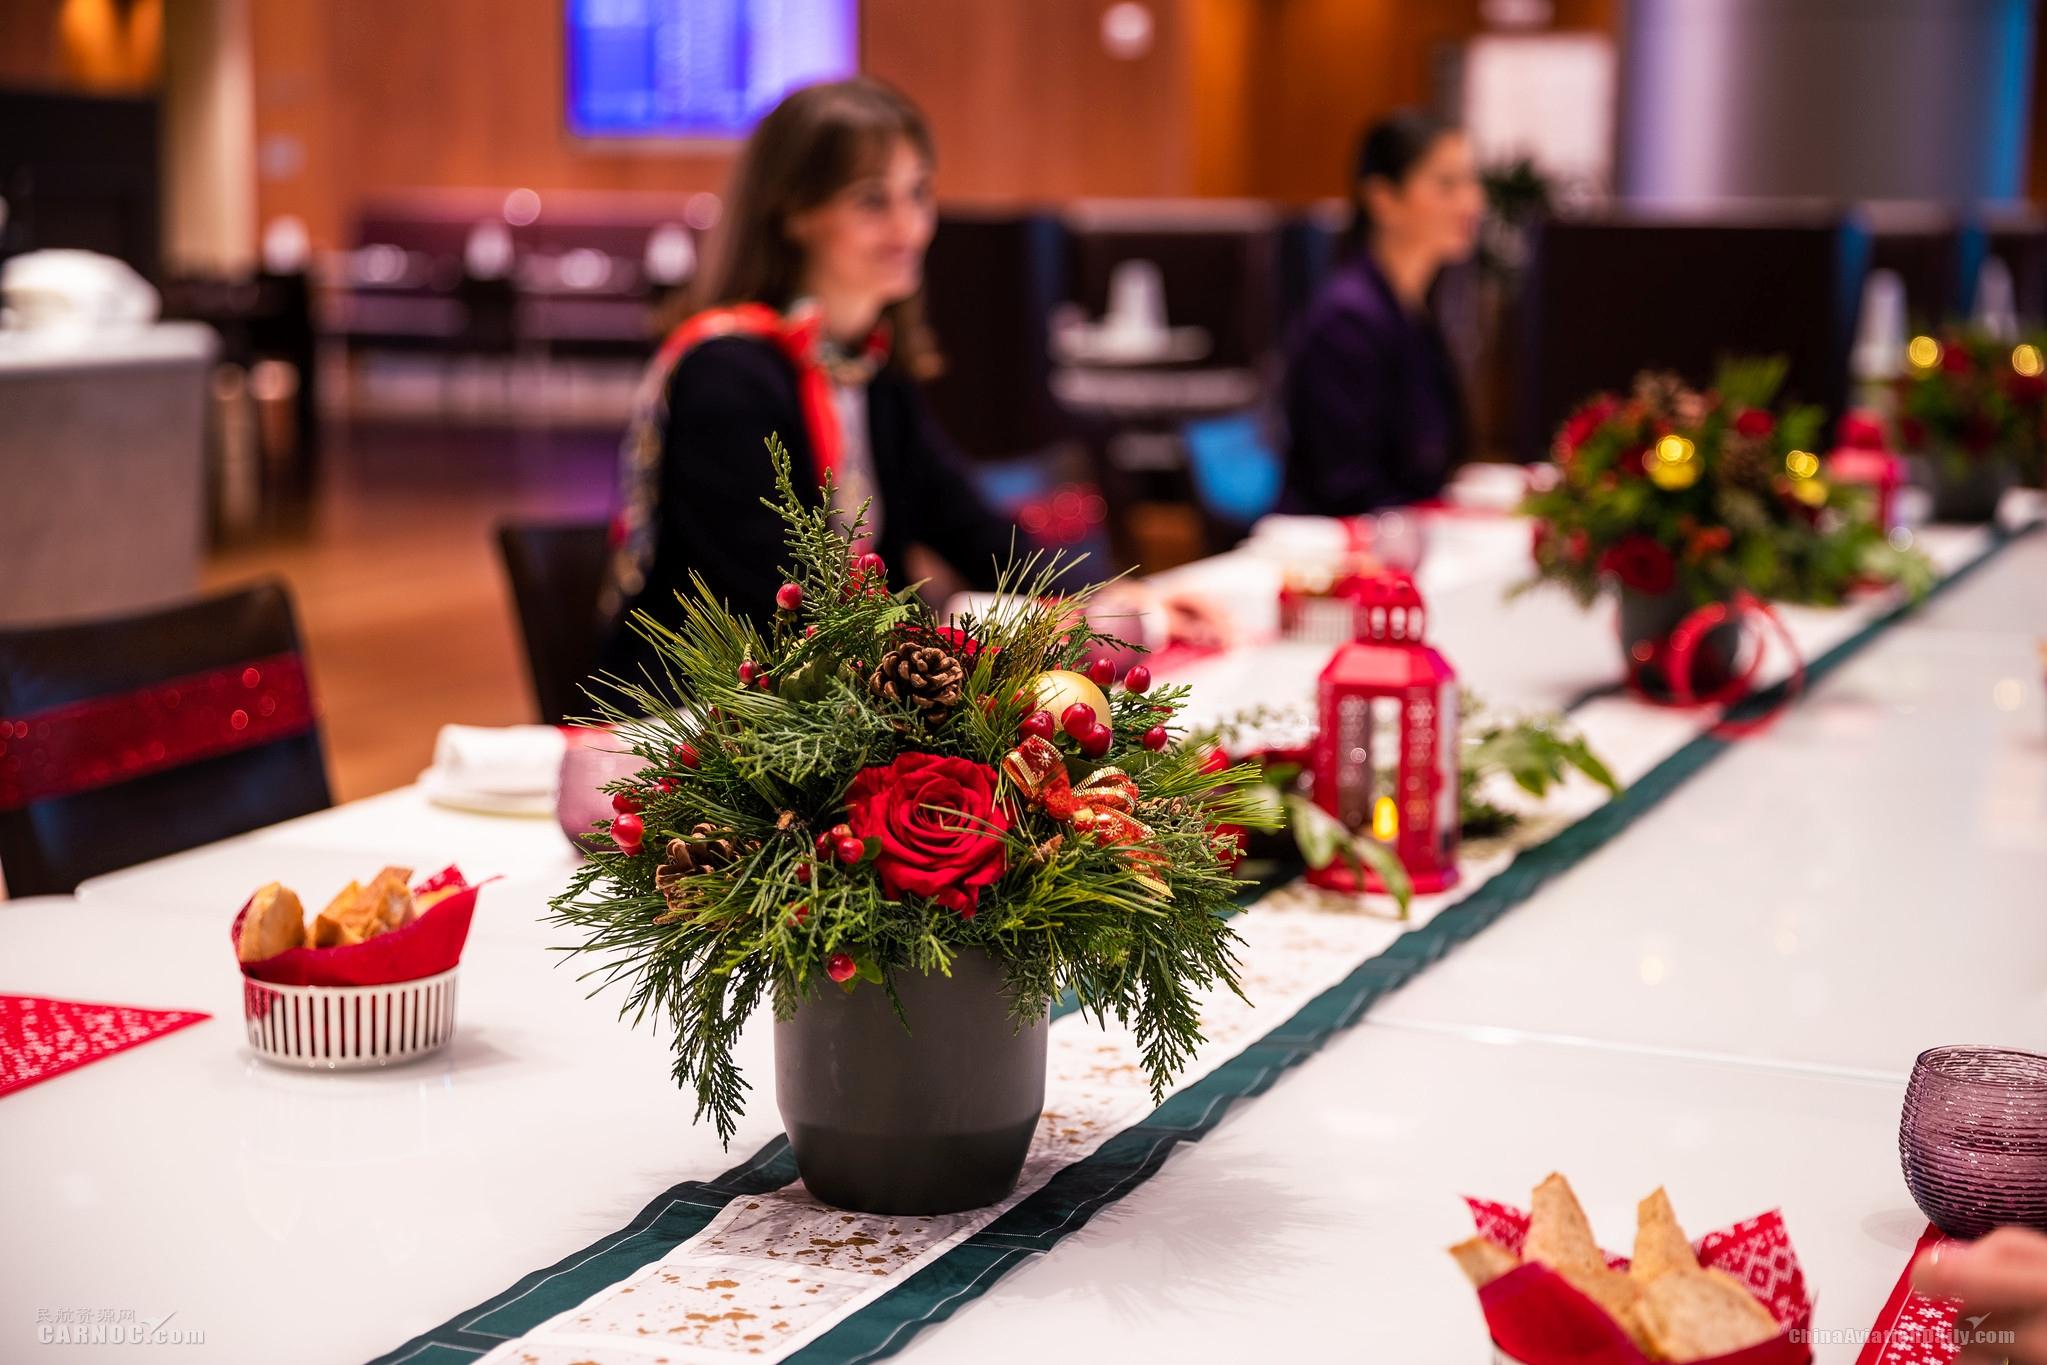 卡航推出圣诞限定礼遇 为乘客诚献节日惊喜和欢庆体验